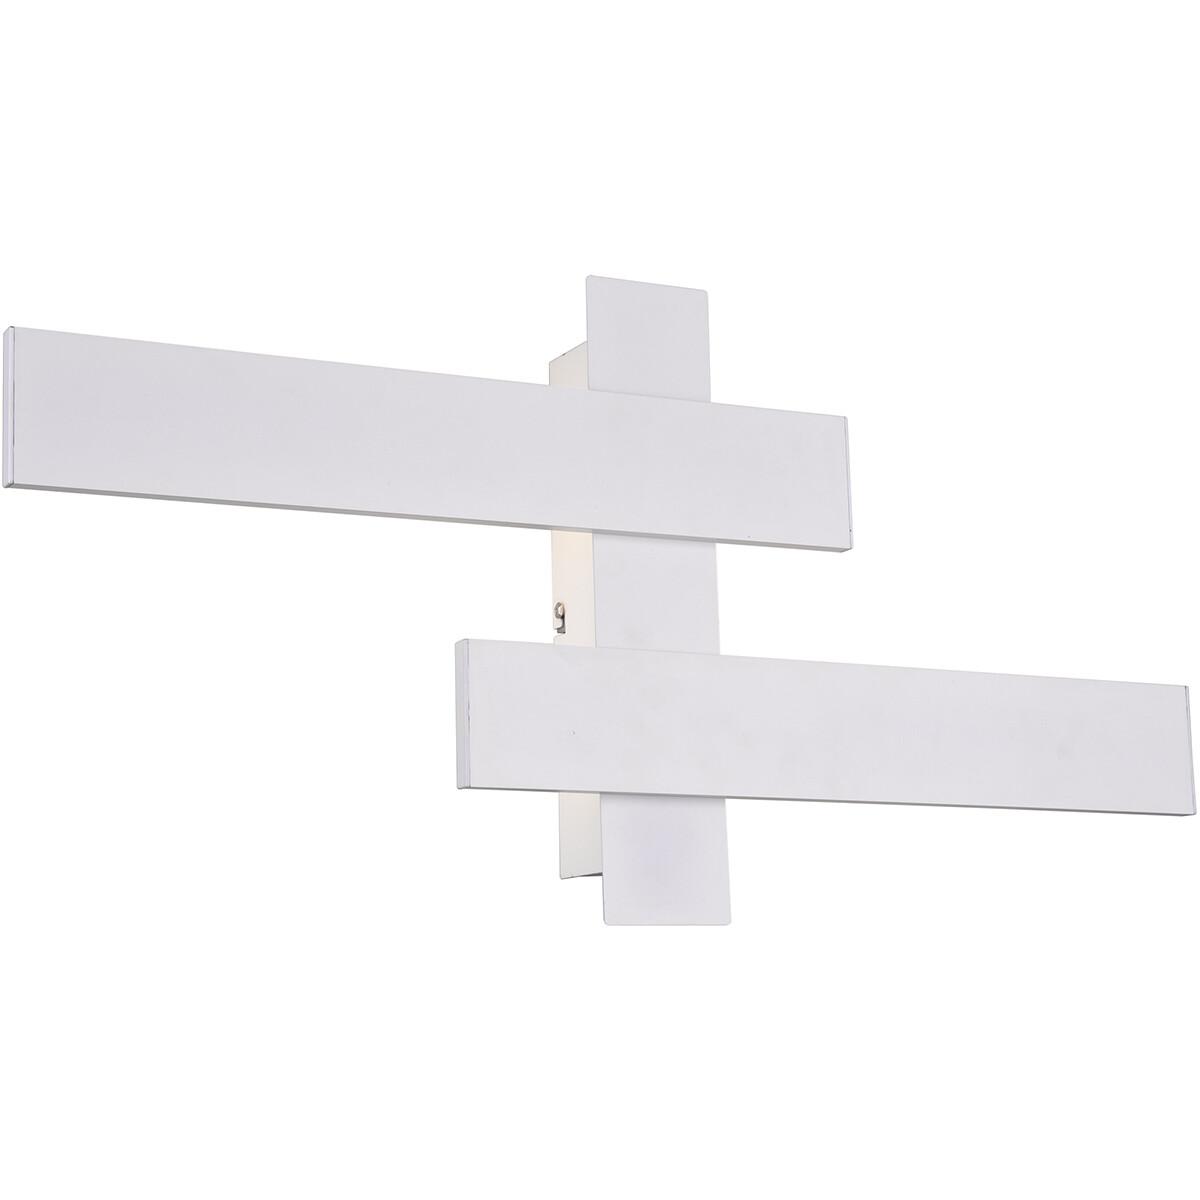 LED Wandlamp - Wandverlichting - Trion Balfy - 20W - Natuurlijk Wit 4000K - Rechthoek - Mat Wit - Al